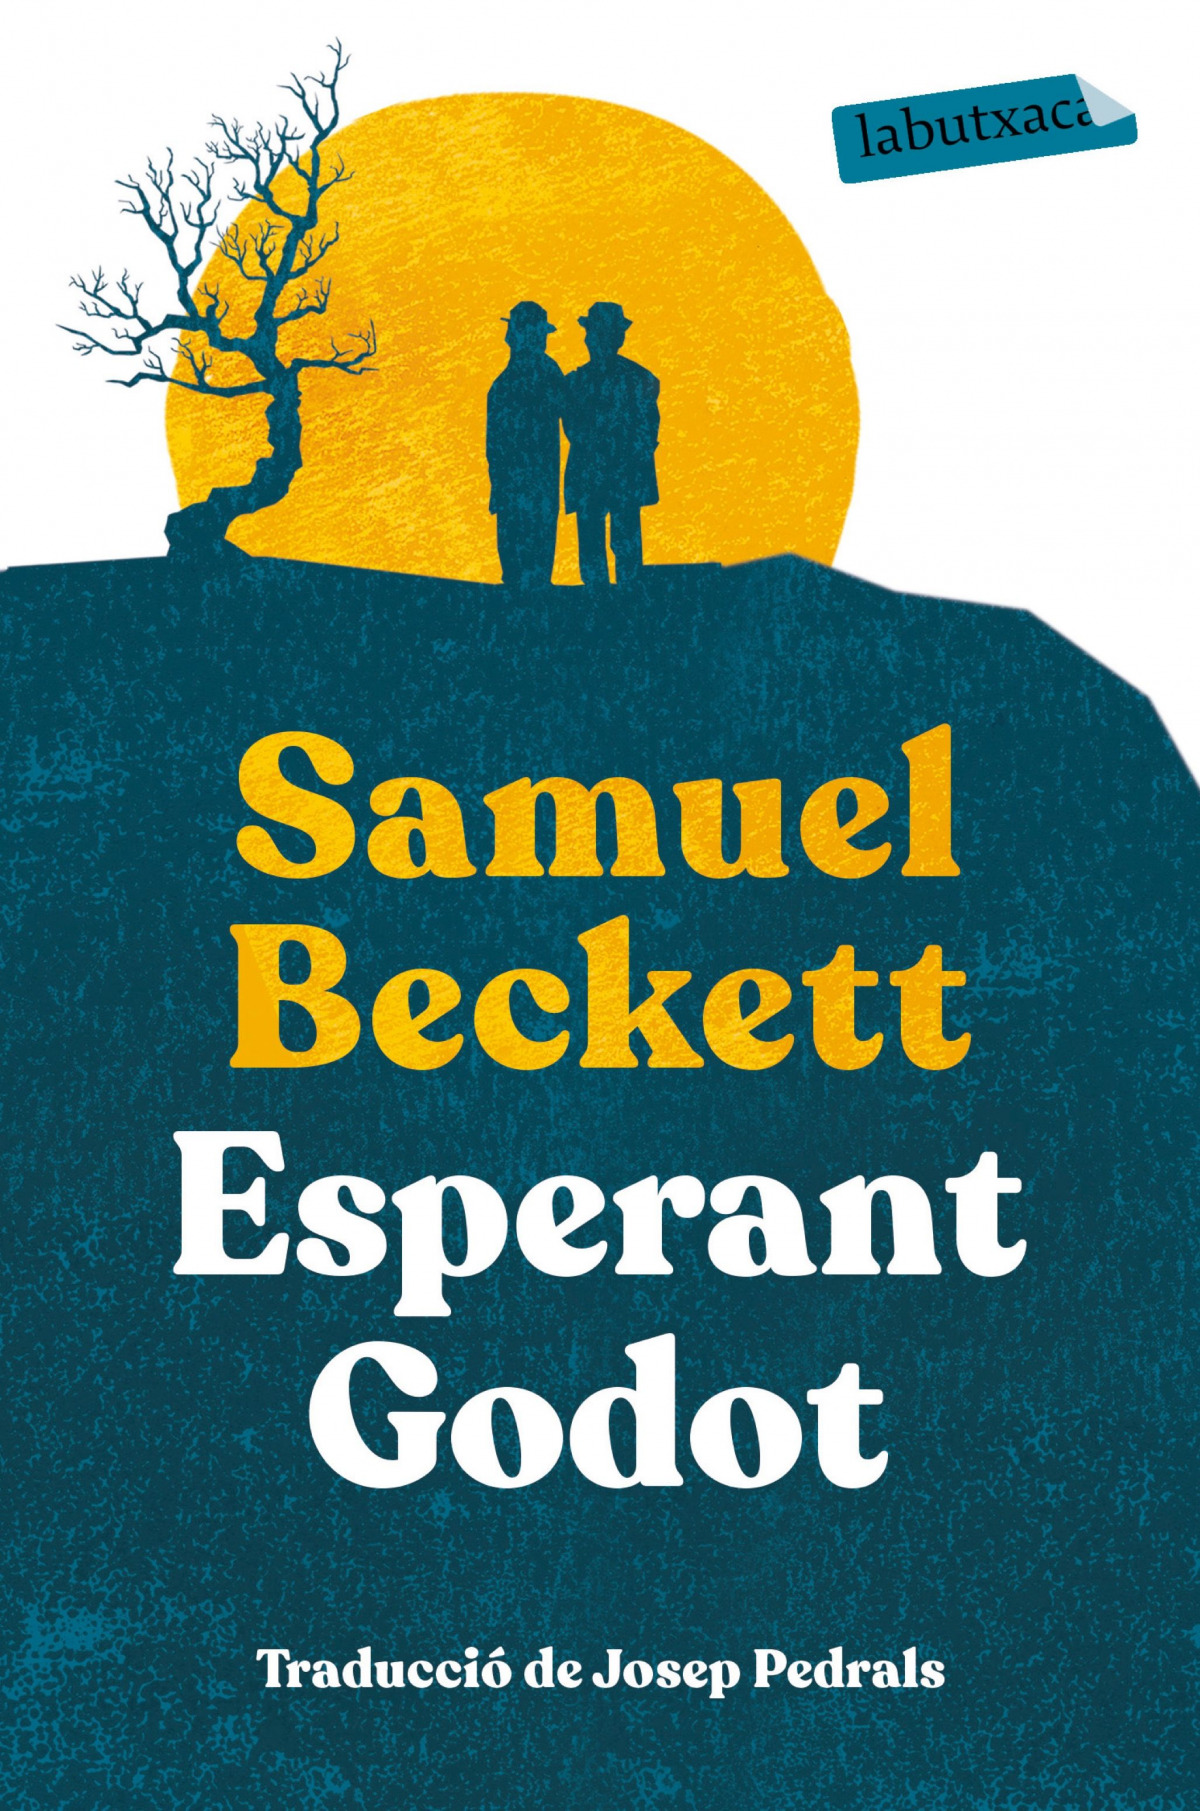 Esperant Godot